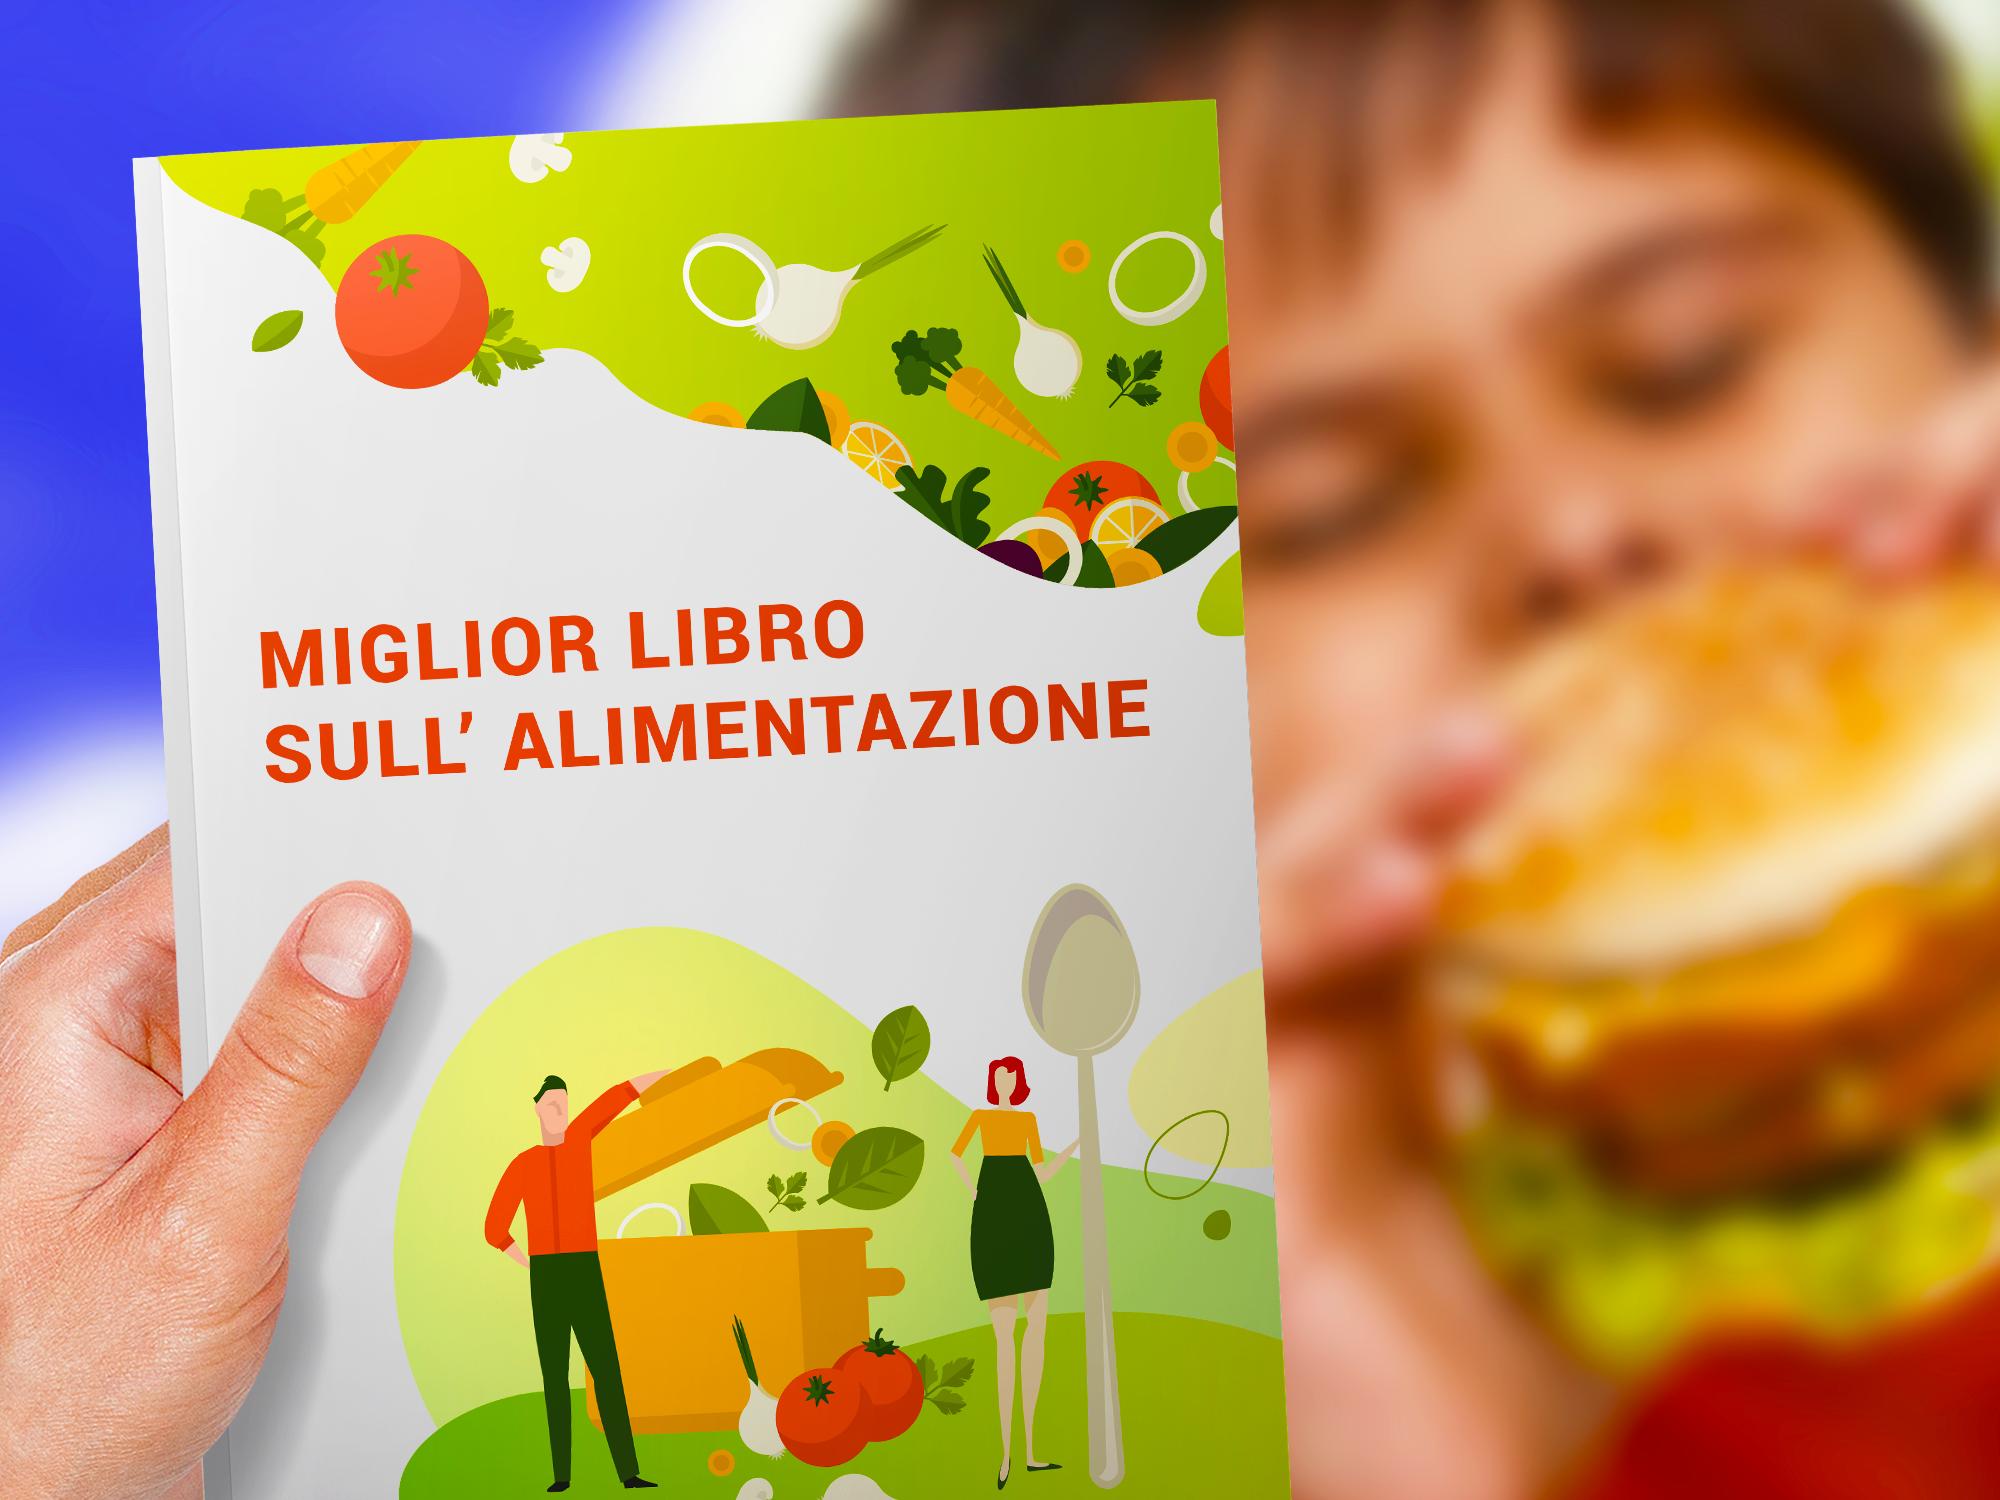 Migliori-libri-alimentazione